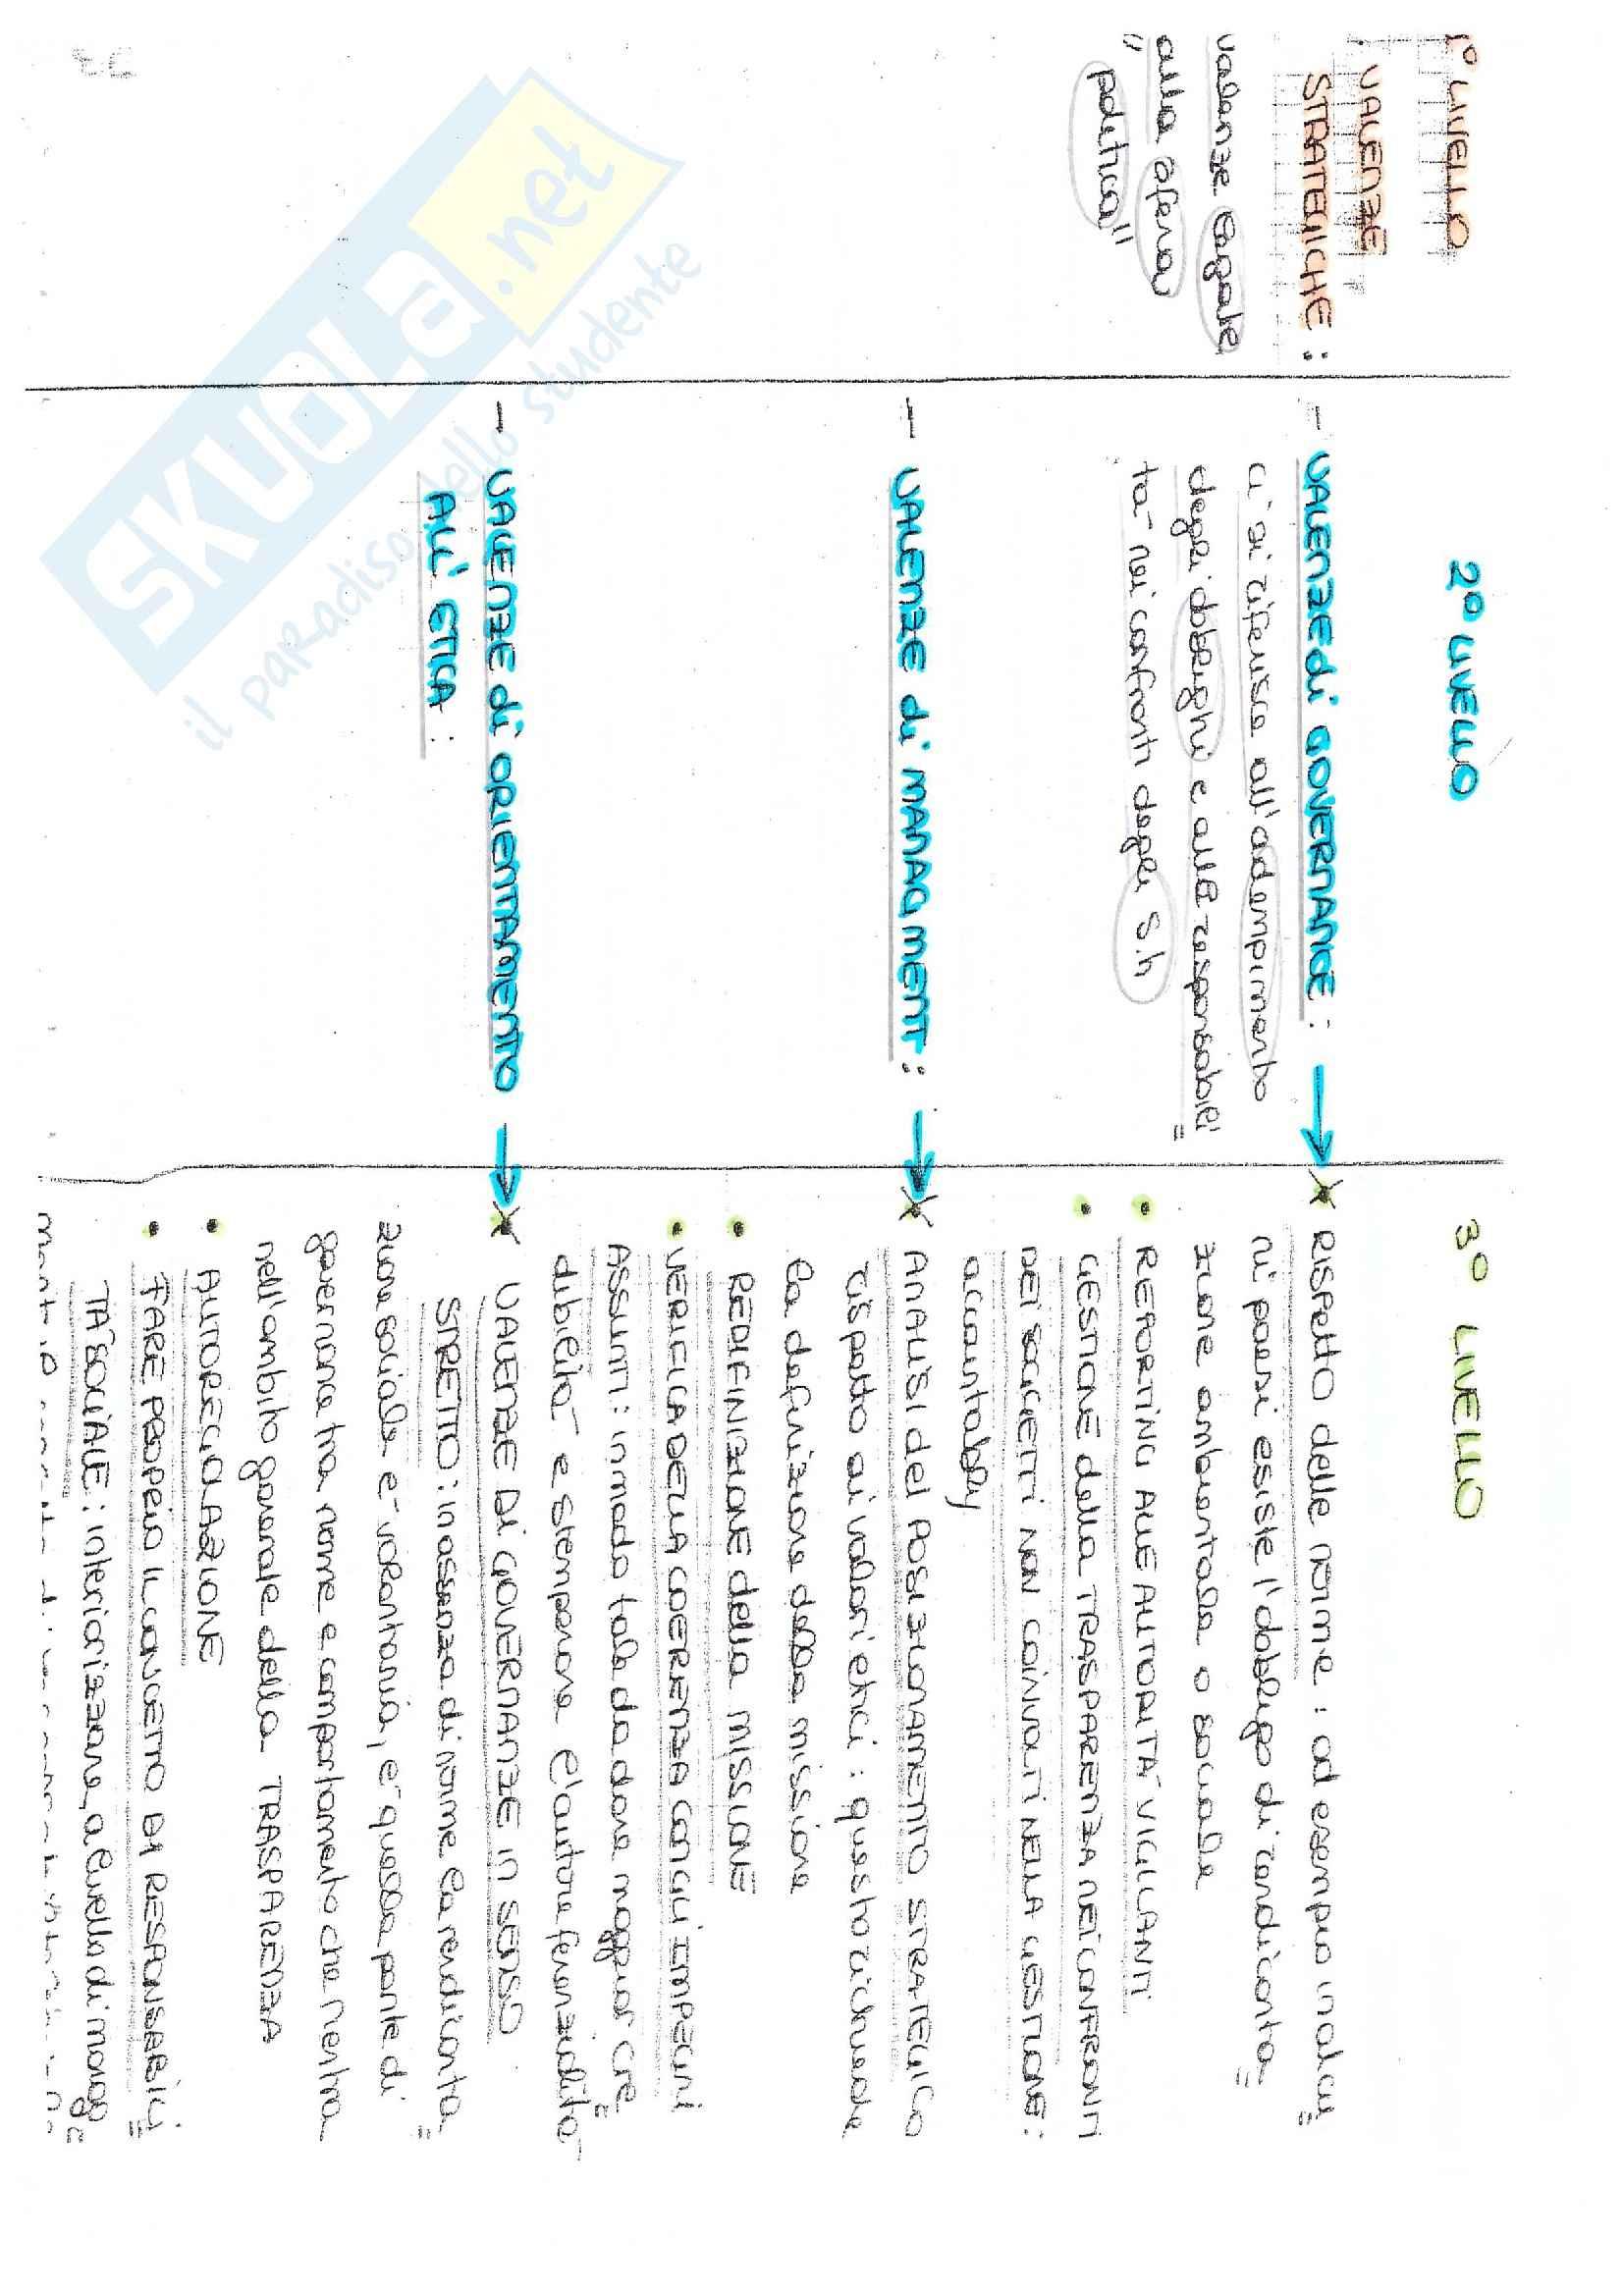 Bilancio Sociale - Appunti e Soluzioni Pag. 11